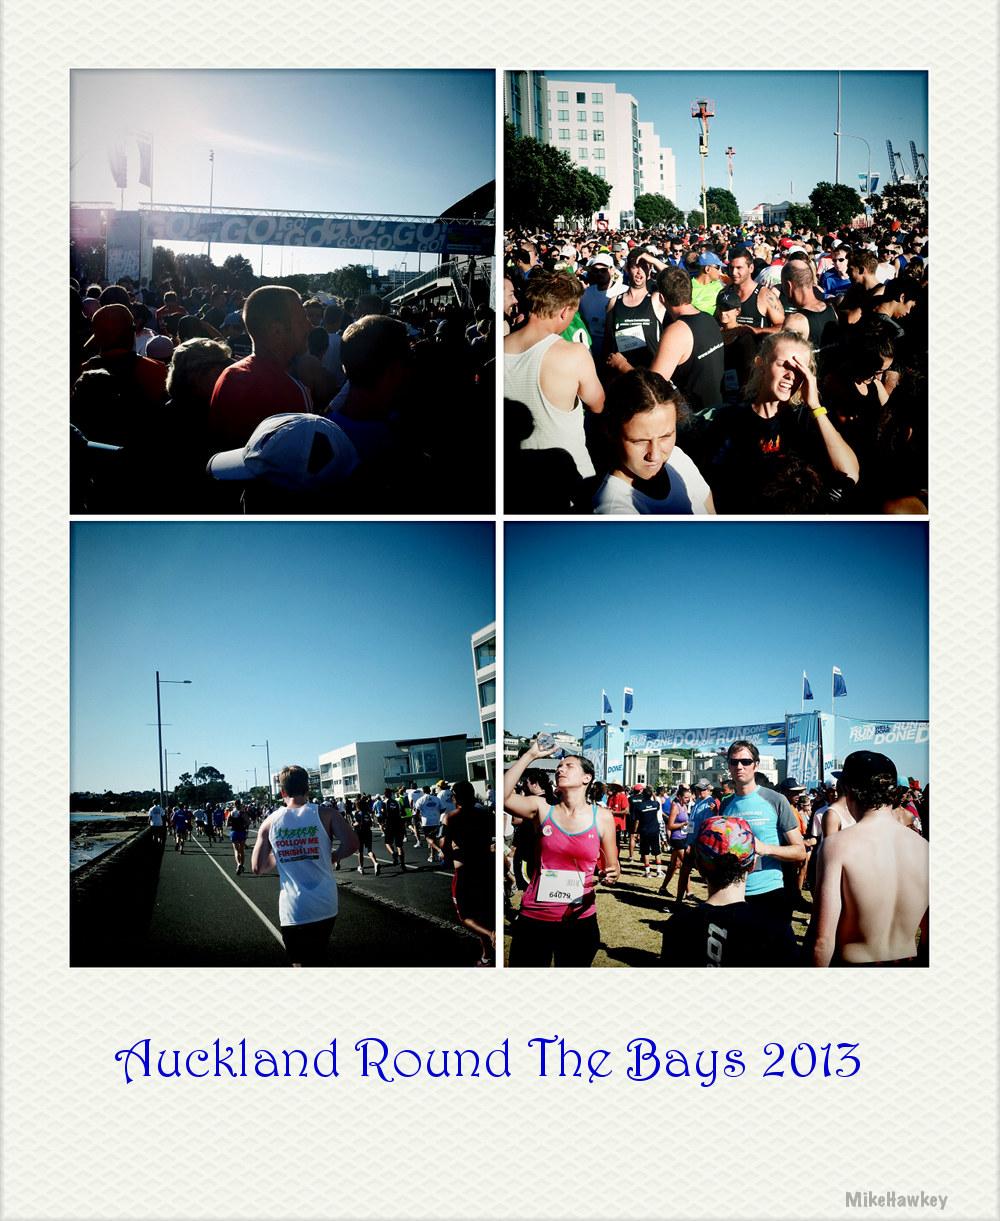 Round the bays